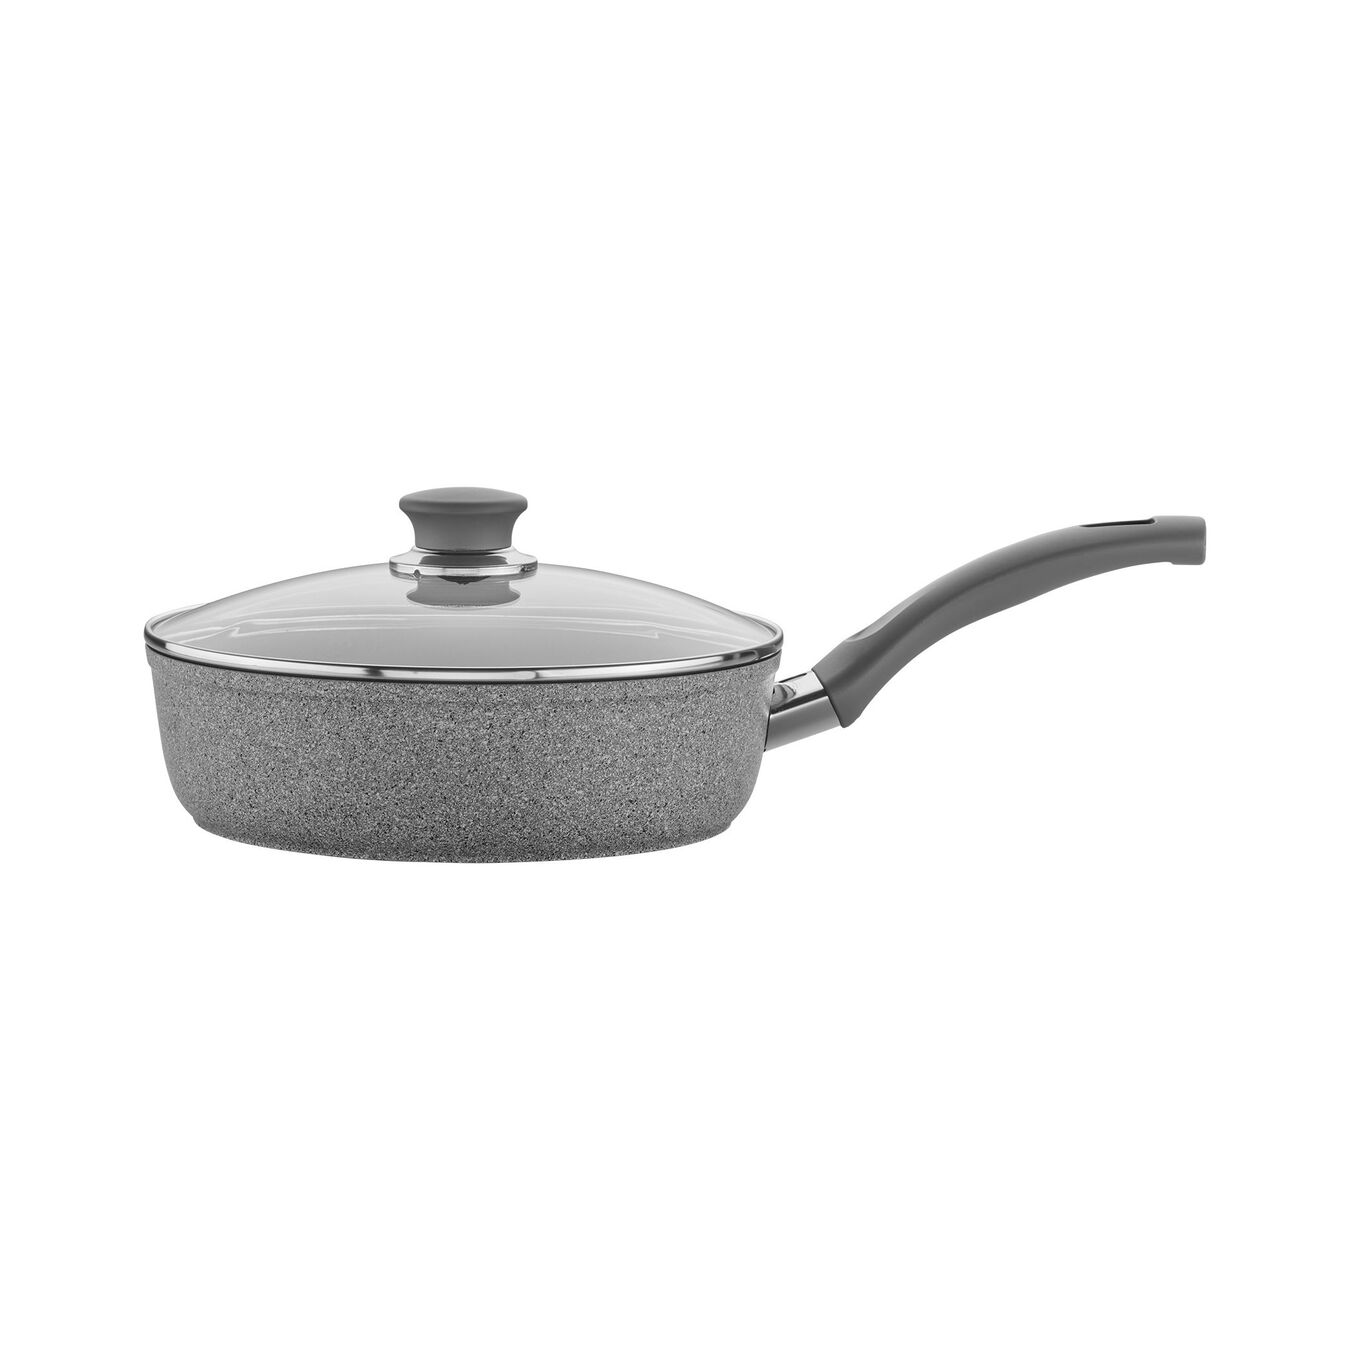 10-pc Aluminum Pots and pans set,,large 6